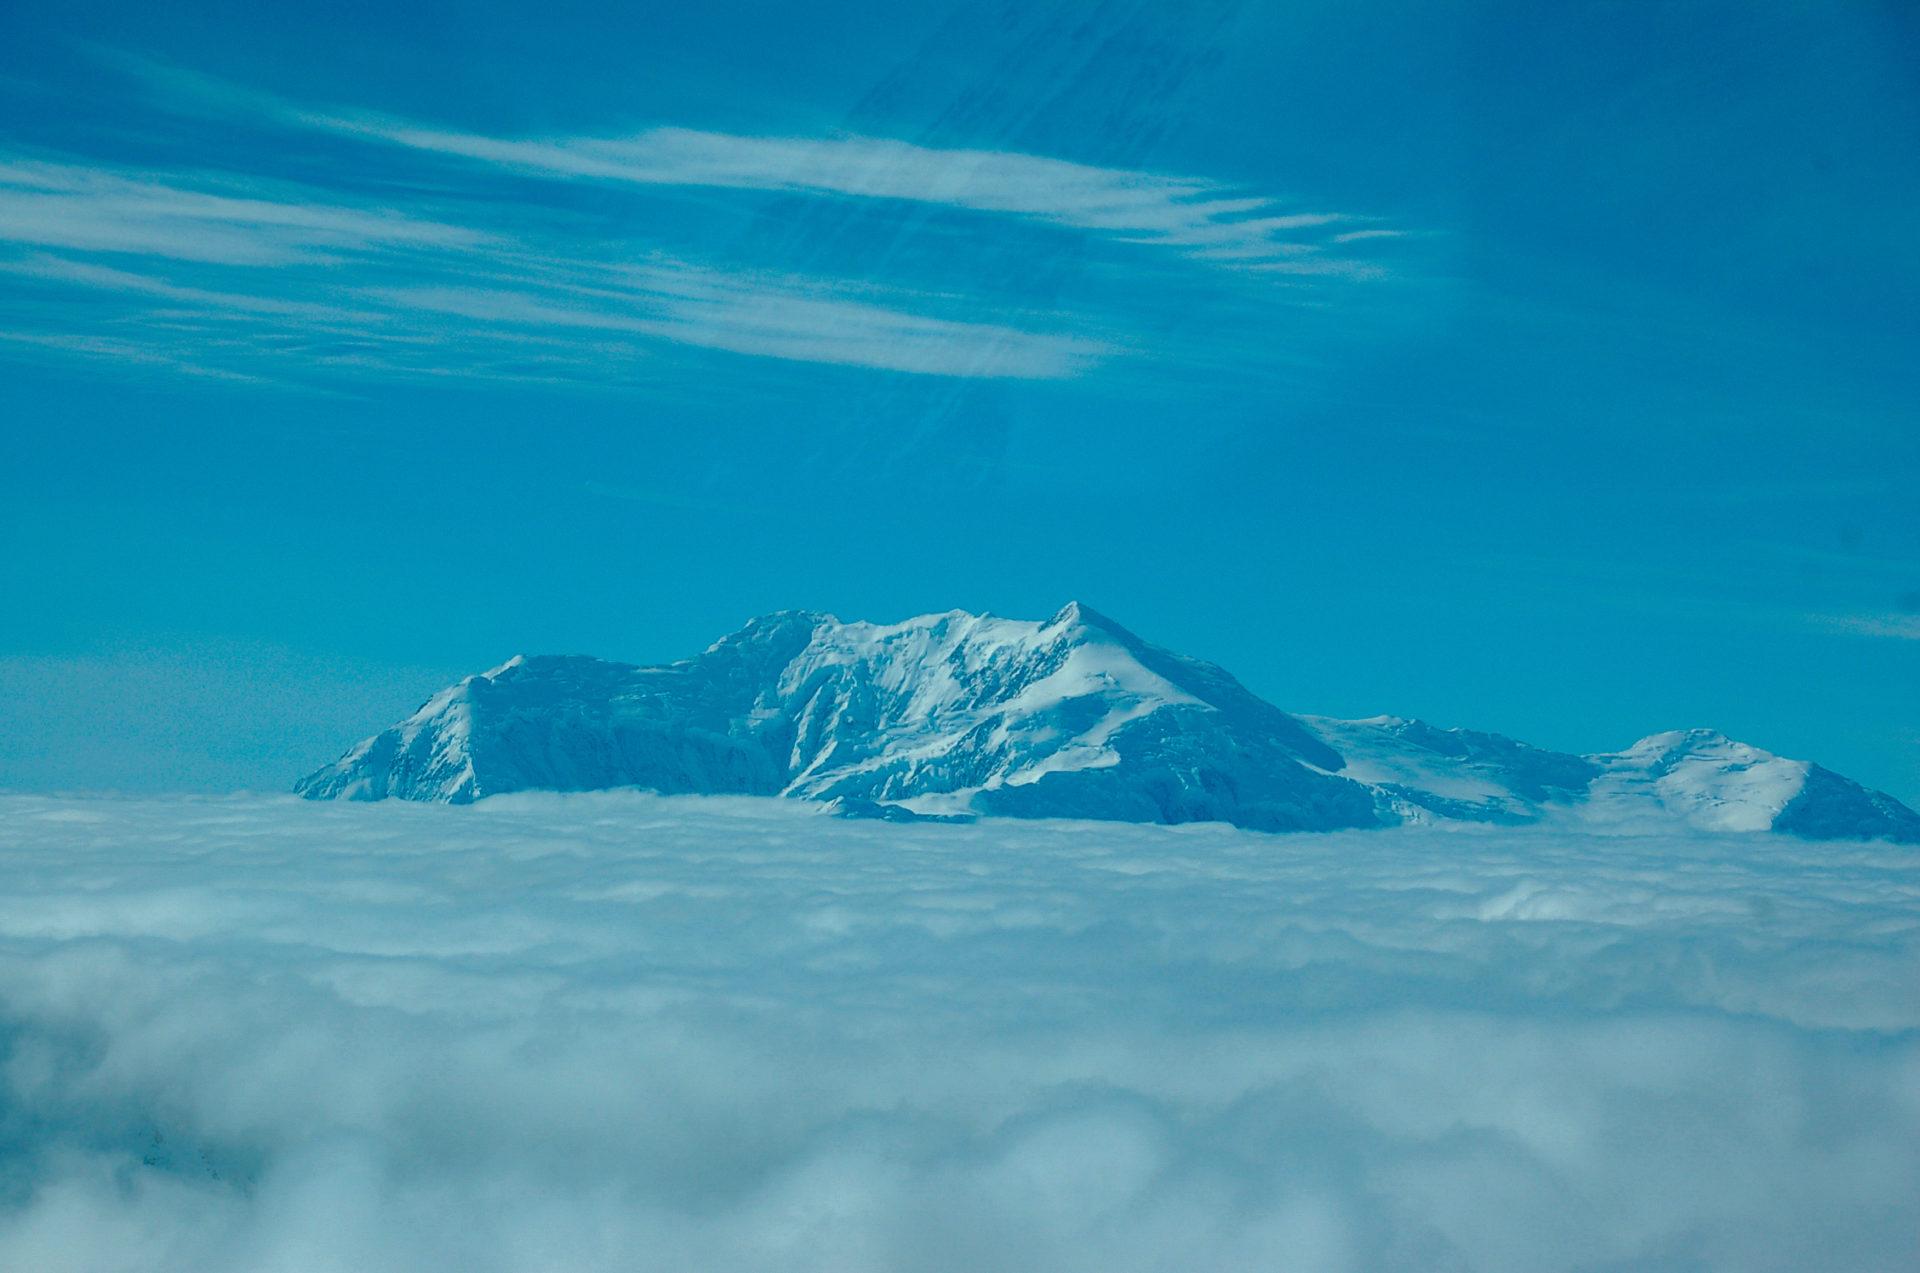 Der Mount Logan im kanadischen Yukon ragt aus den Wolken hervor